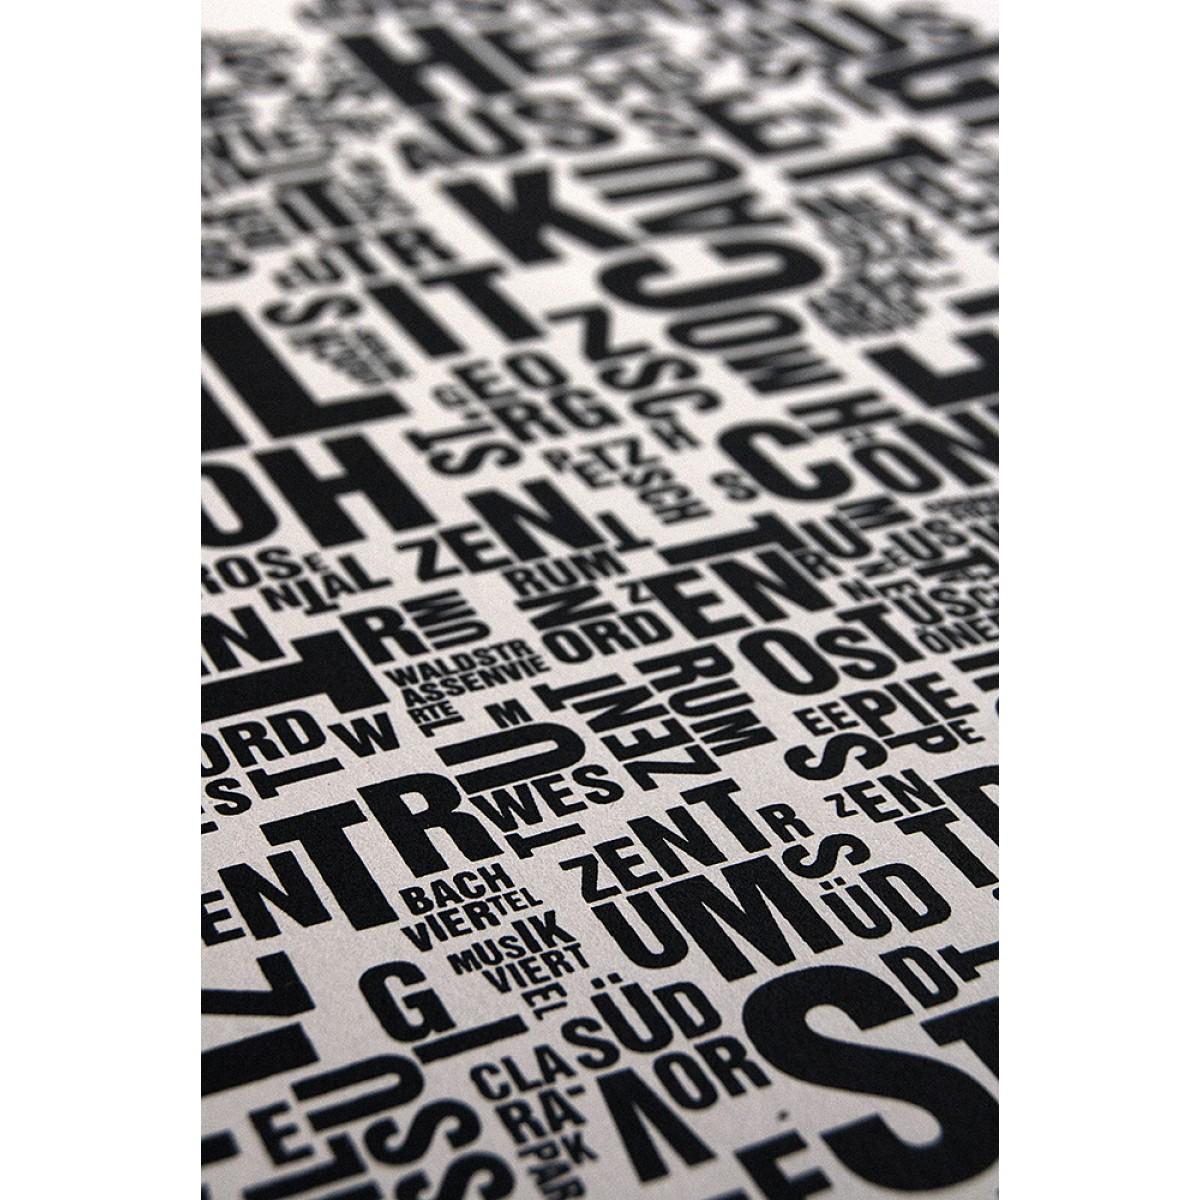 Buchstabenort Leipzig Stadtteile-Poster Typografie